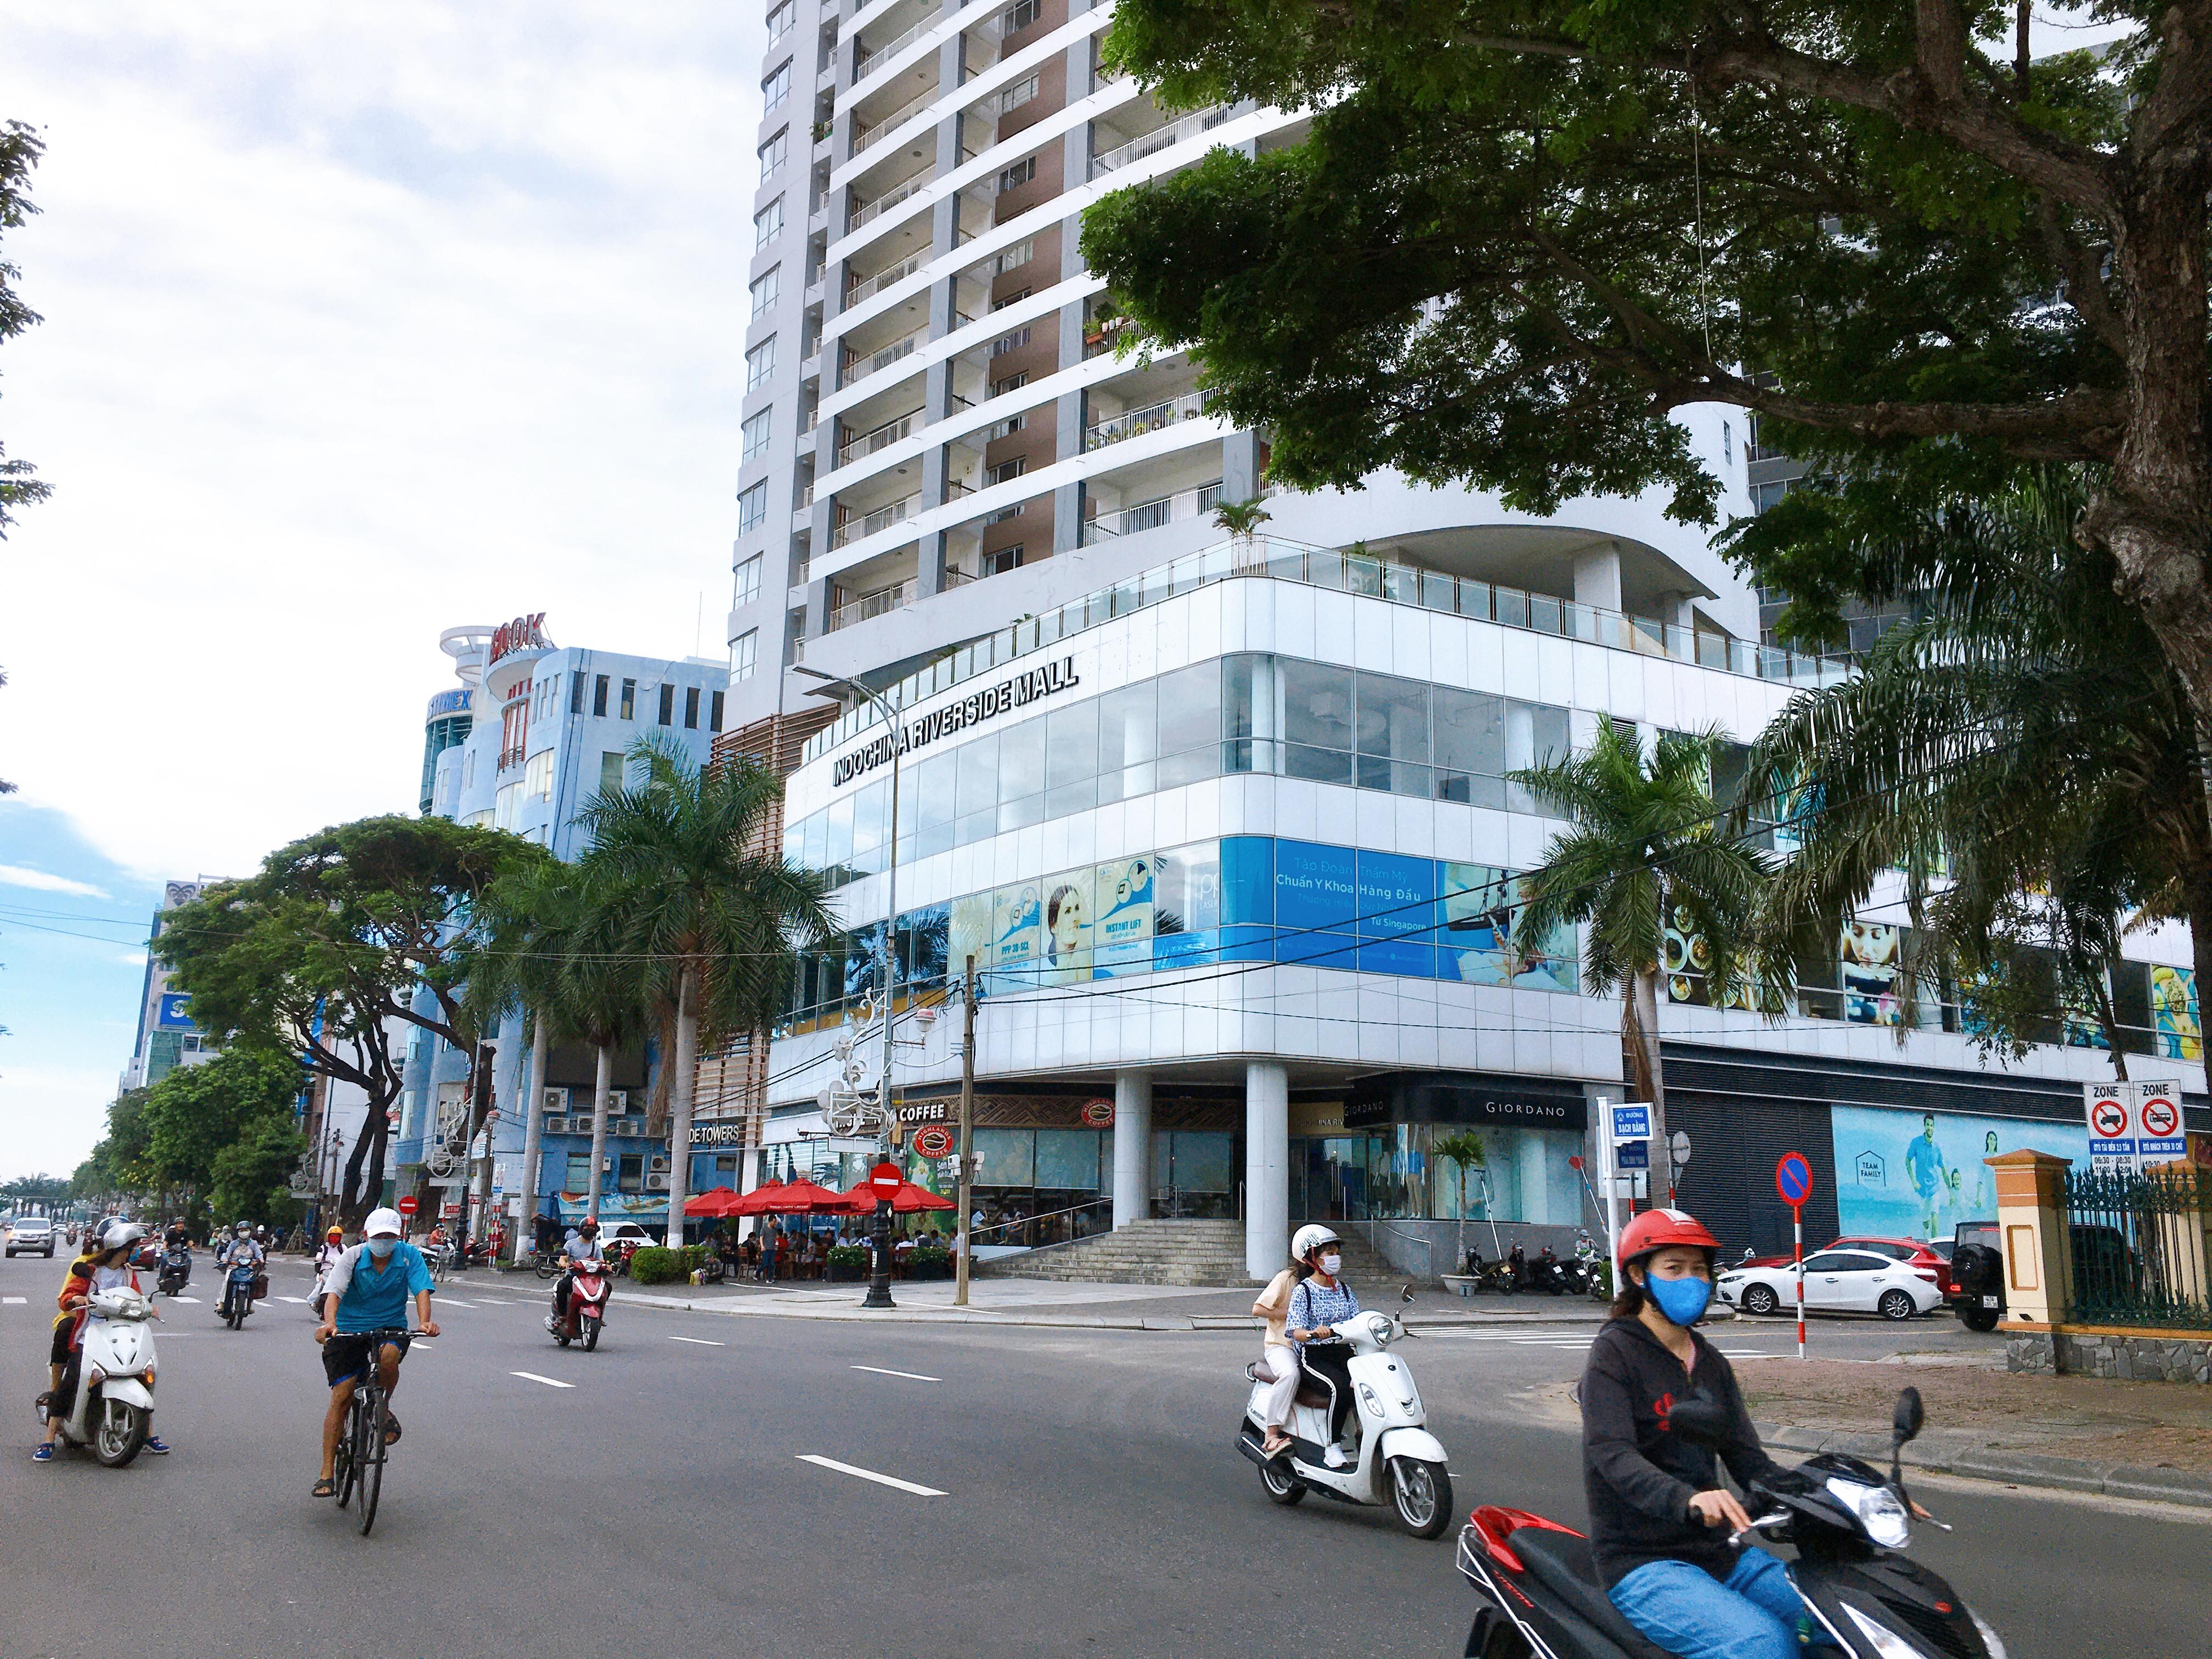 Những tòa nhà văn phòng cho thuê hái ra tiền ở Đà Nẵng bất chấp dịch COVID-19 - Ảnh 5.